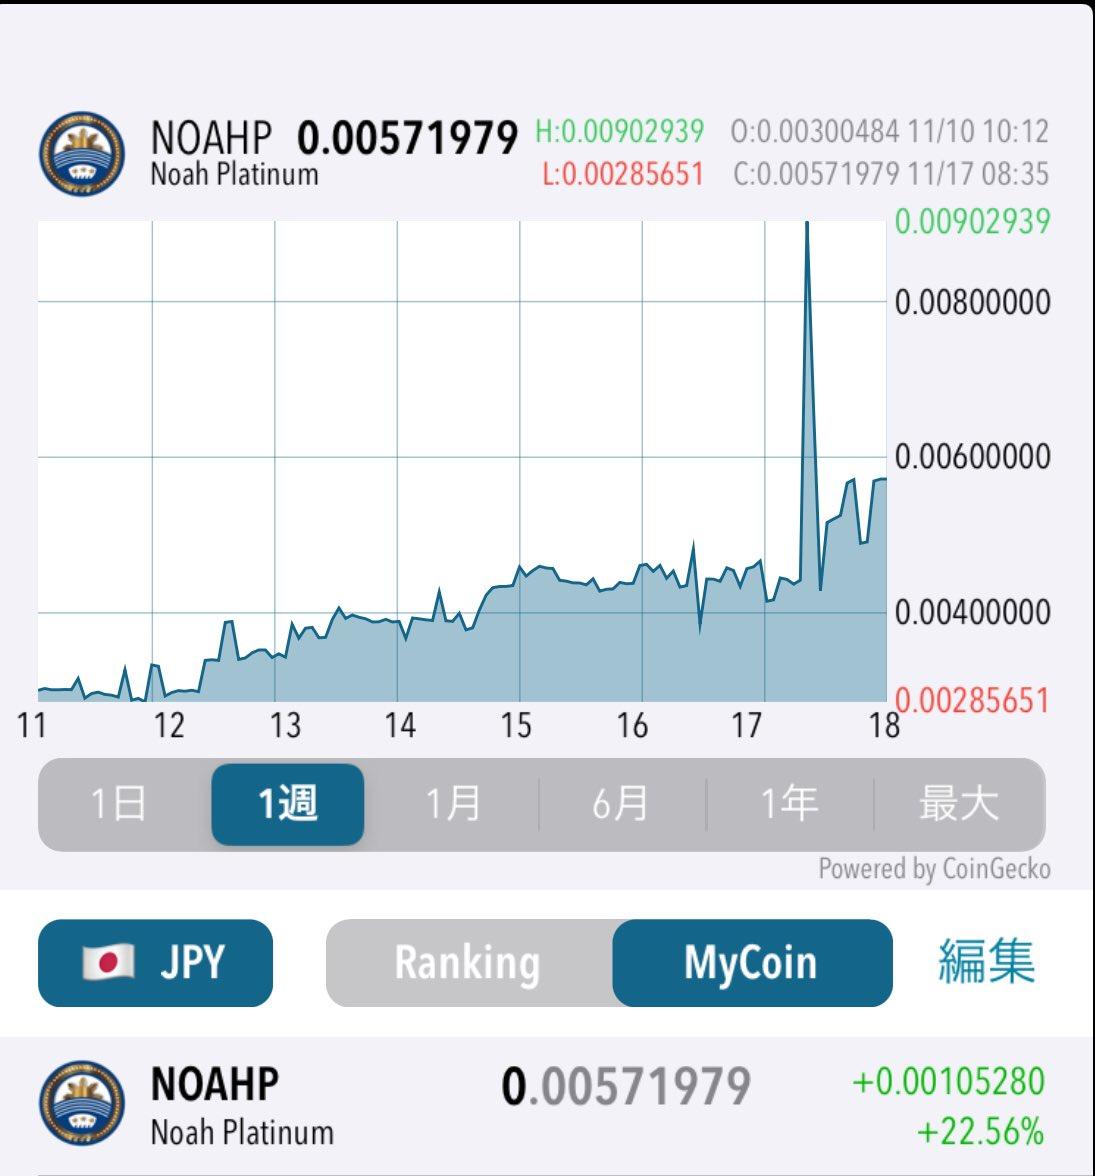 #NOAHP    #プラチナムNOAHP/ETH ジリジリと上昇しています📈好材料が出れて、売りが無ければ上昇する💥底値で仕込む最後のチャンスでしょう😊仮想通貨で勝つには底値で仕込み、一枚でも多くの数量を持つことです🤔過去の例をみると、これが億り人になる鉄則です‼️